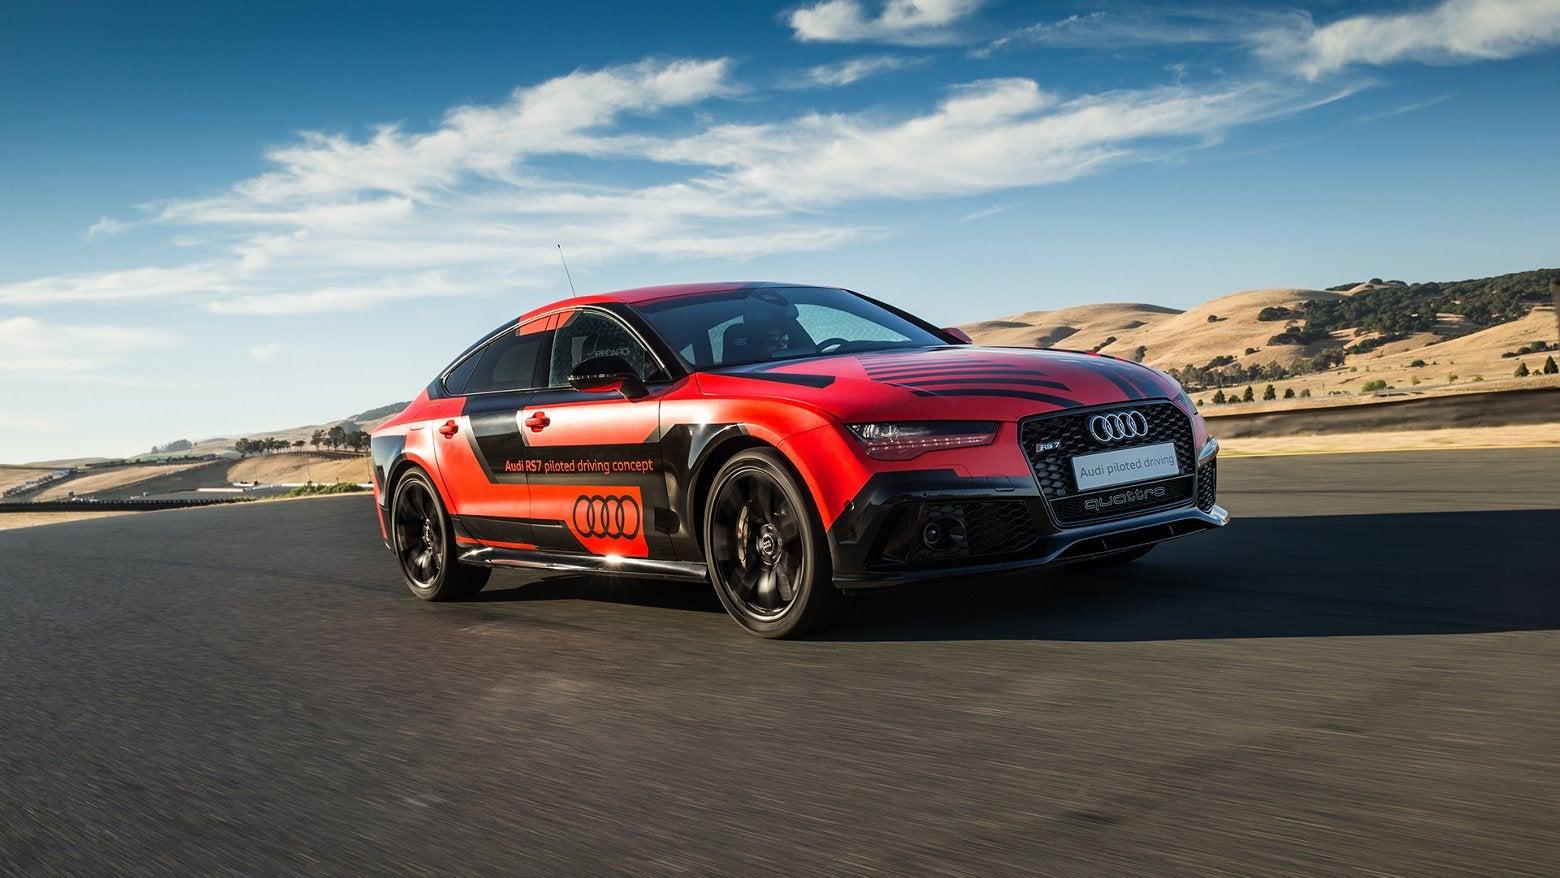 Audi's Autonomous Vehicle Gets Track Days